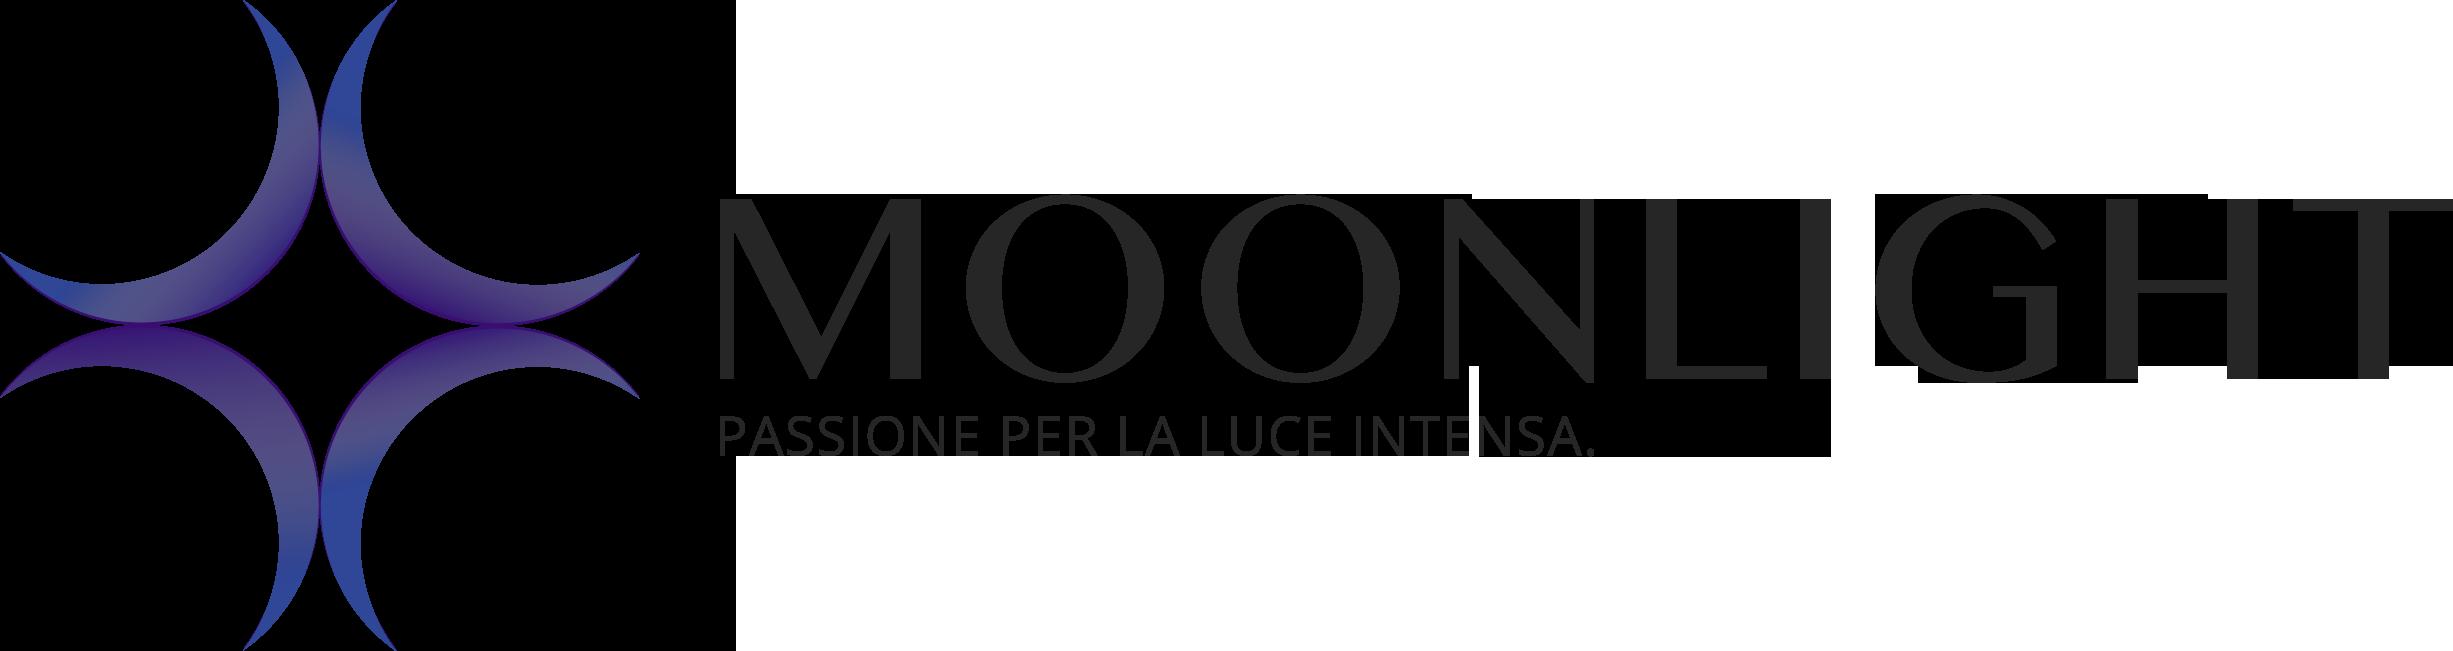 Moonlight Italia | Passione per la luce intensa.